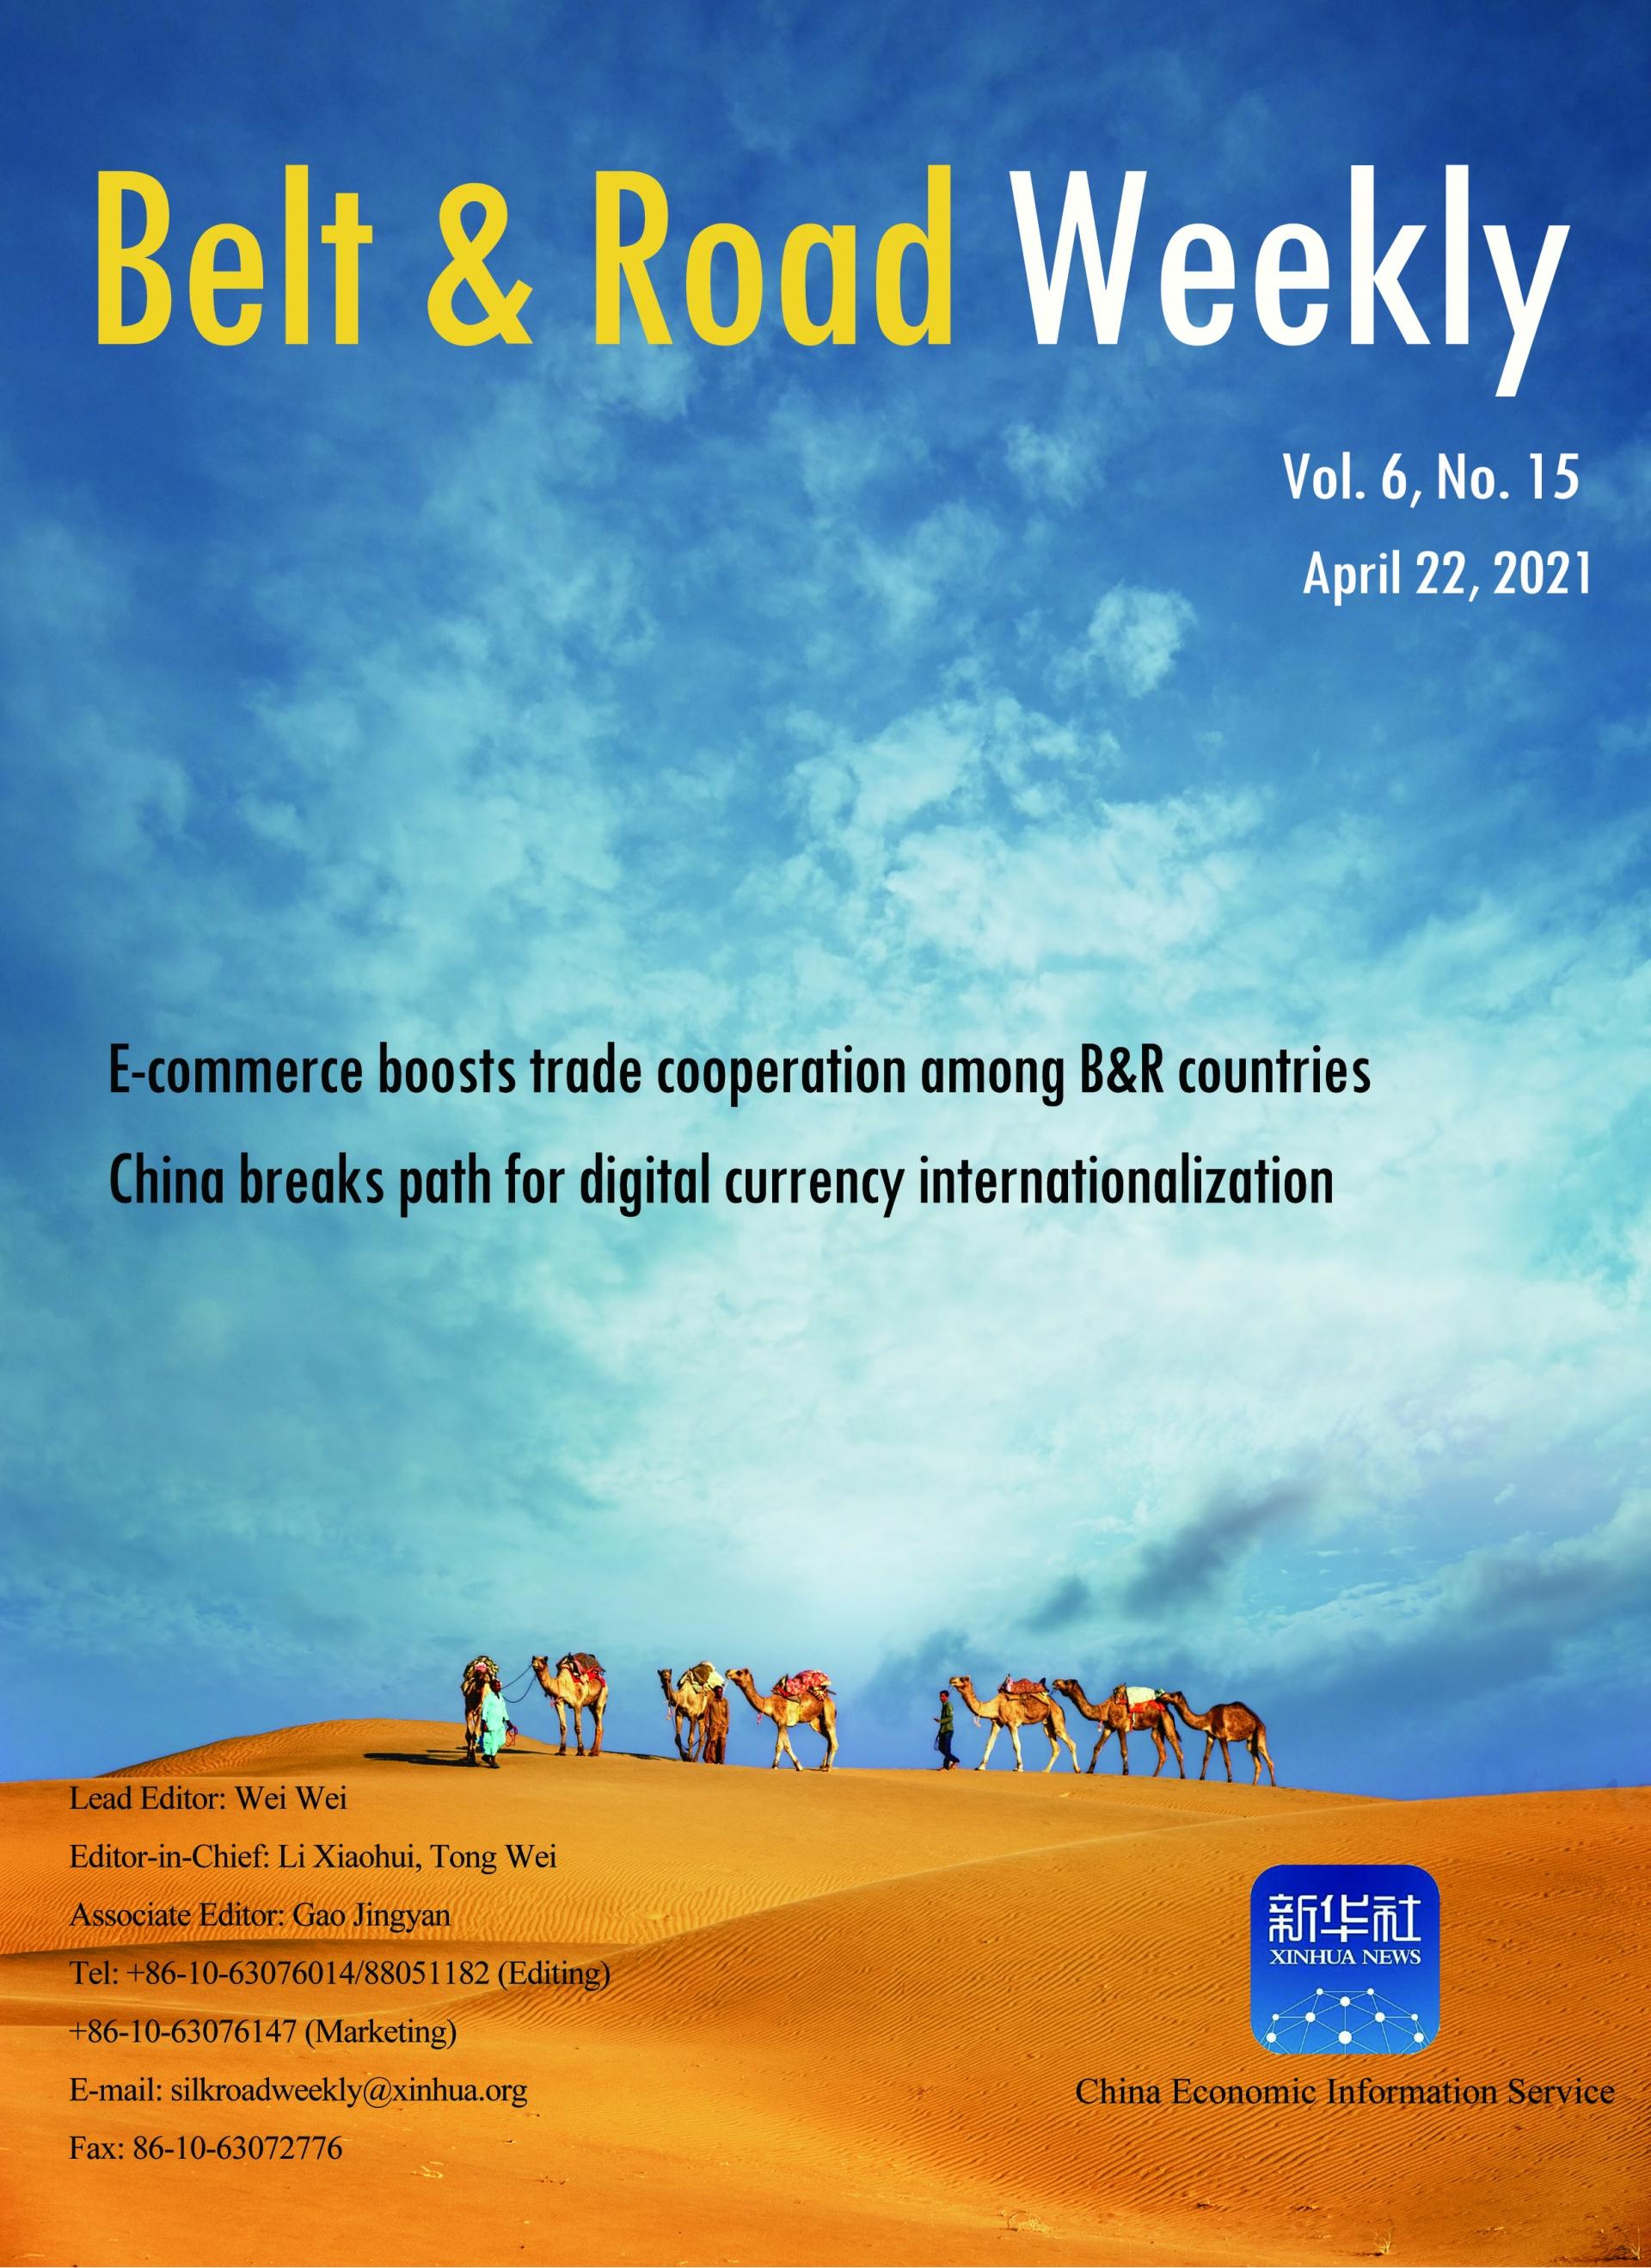 Belt & Road Weekly Vol. 6 No.15